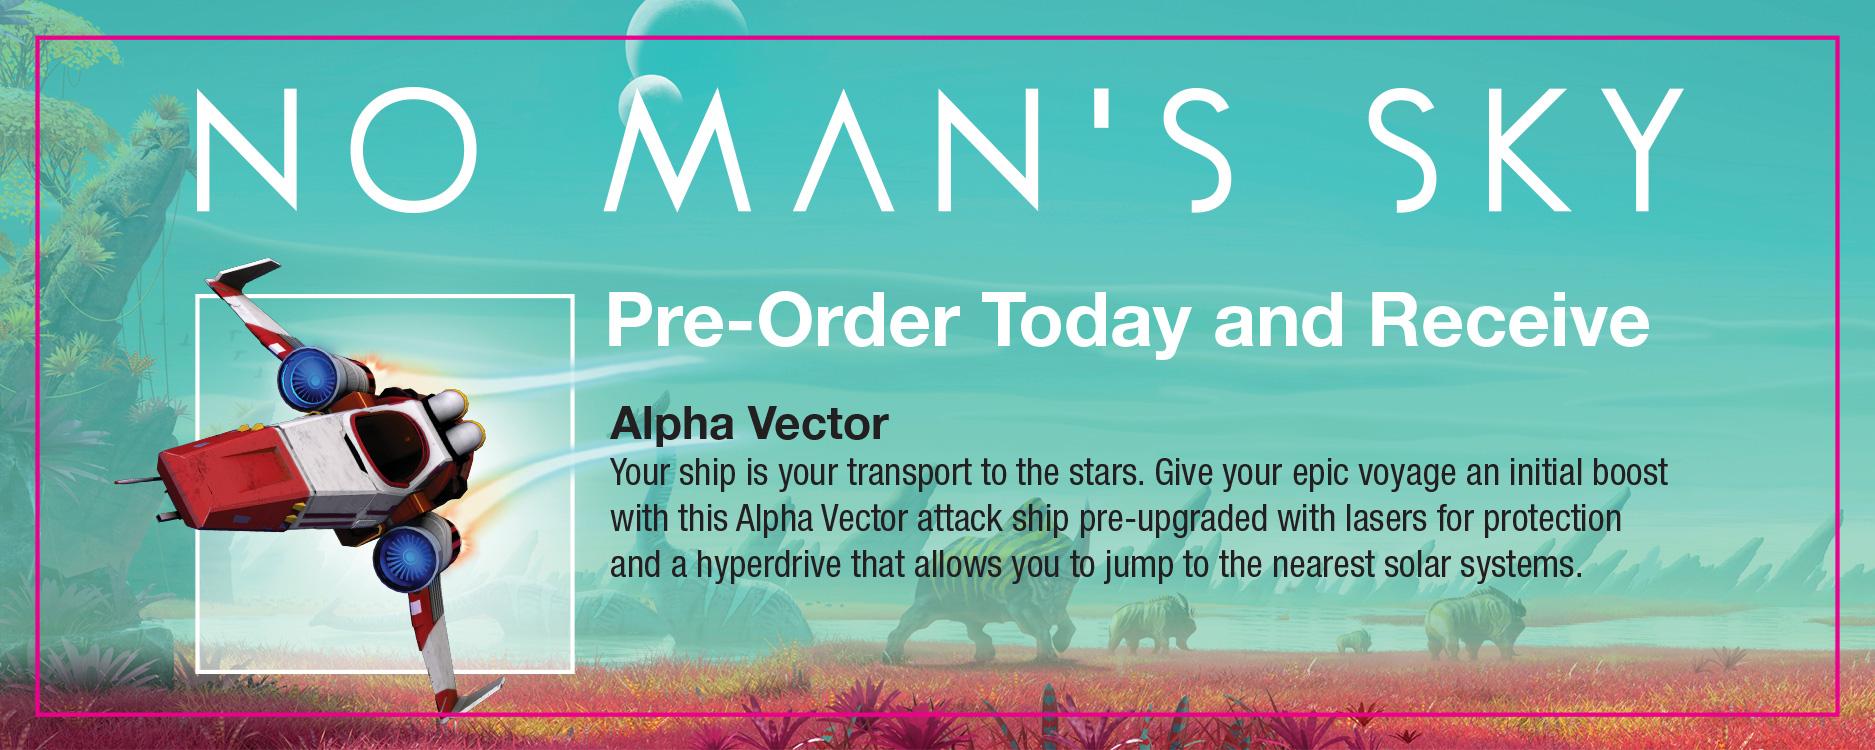 No Man's Sky Pre Order